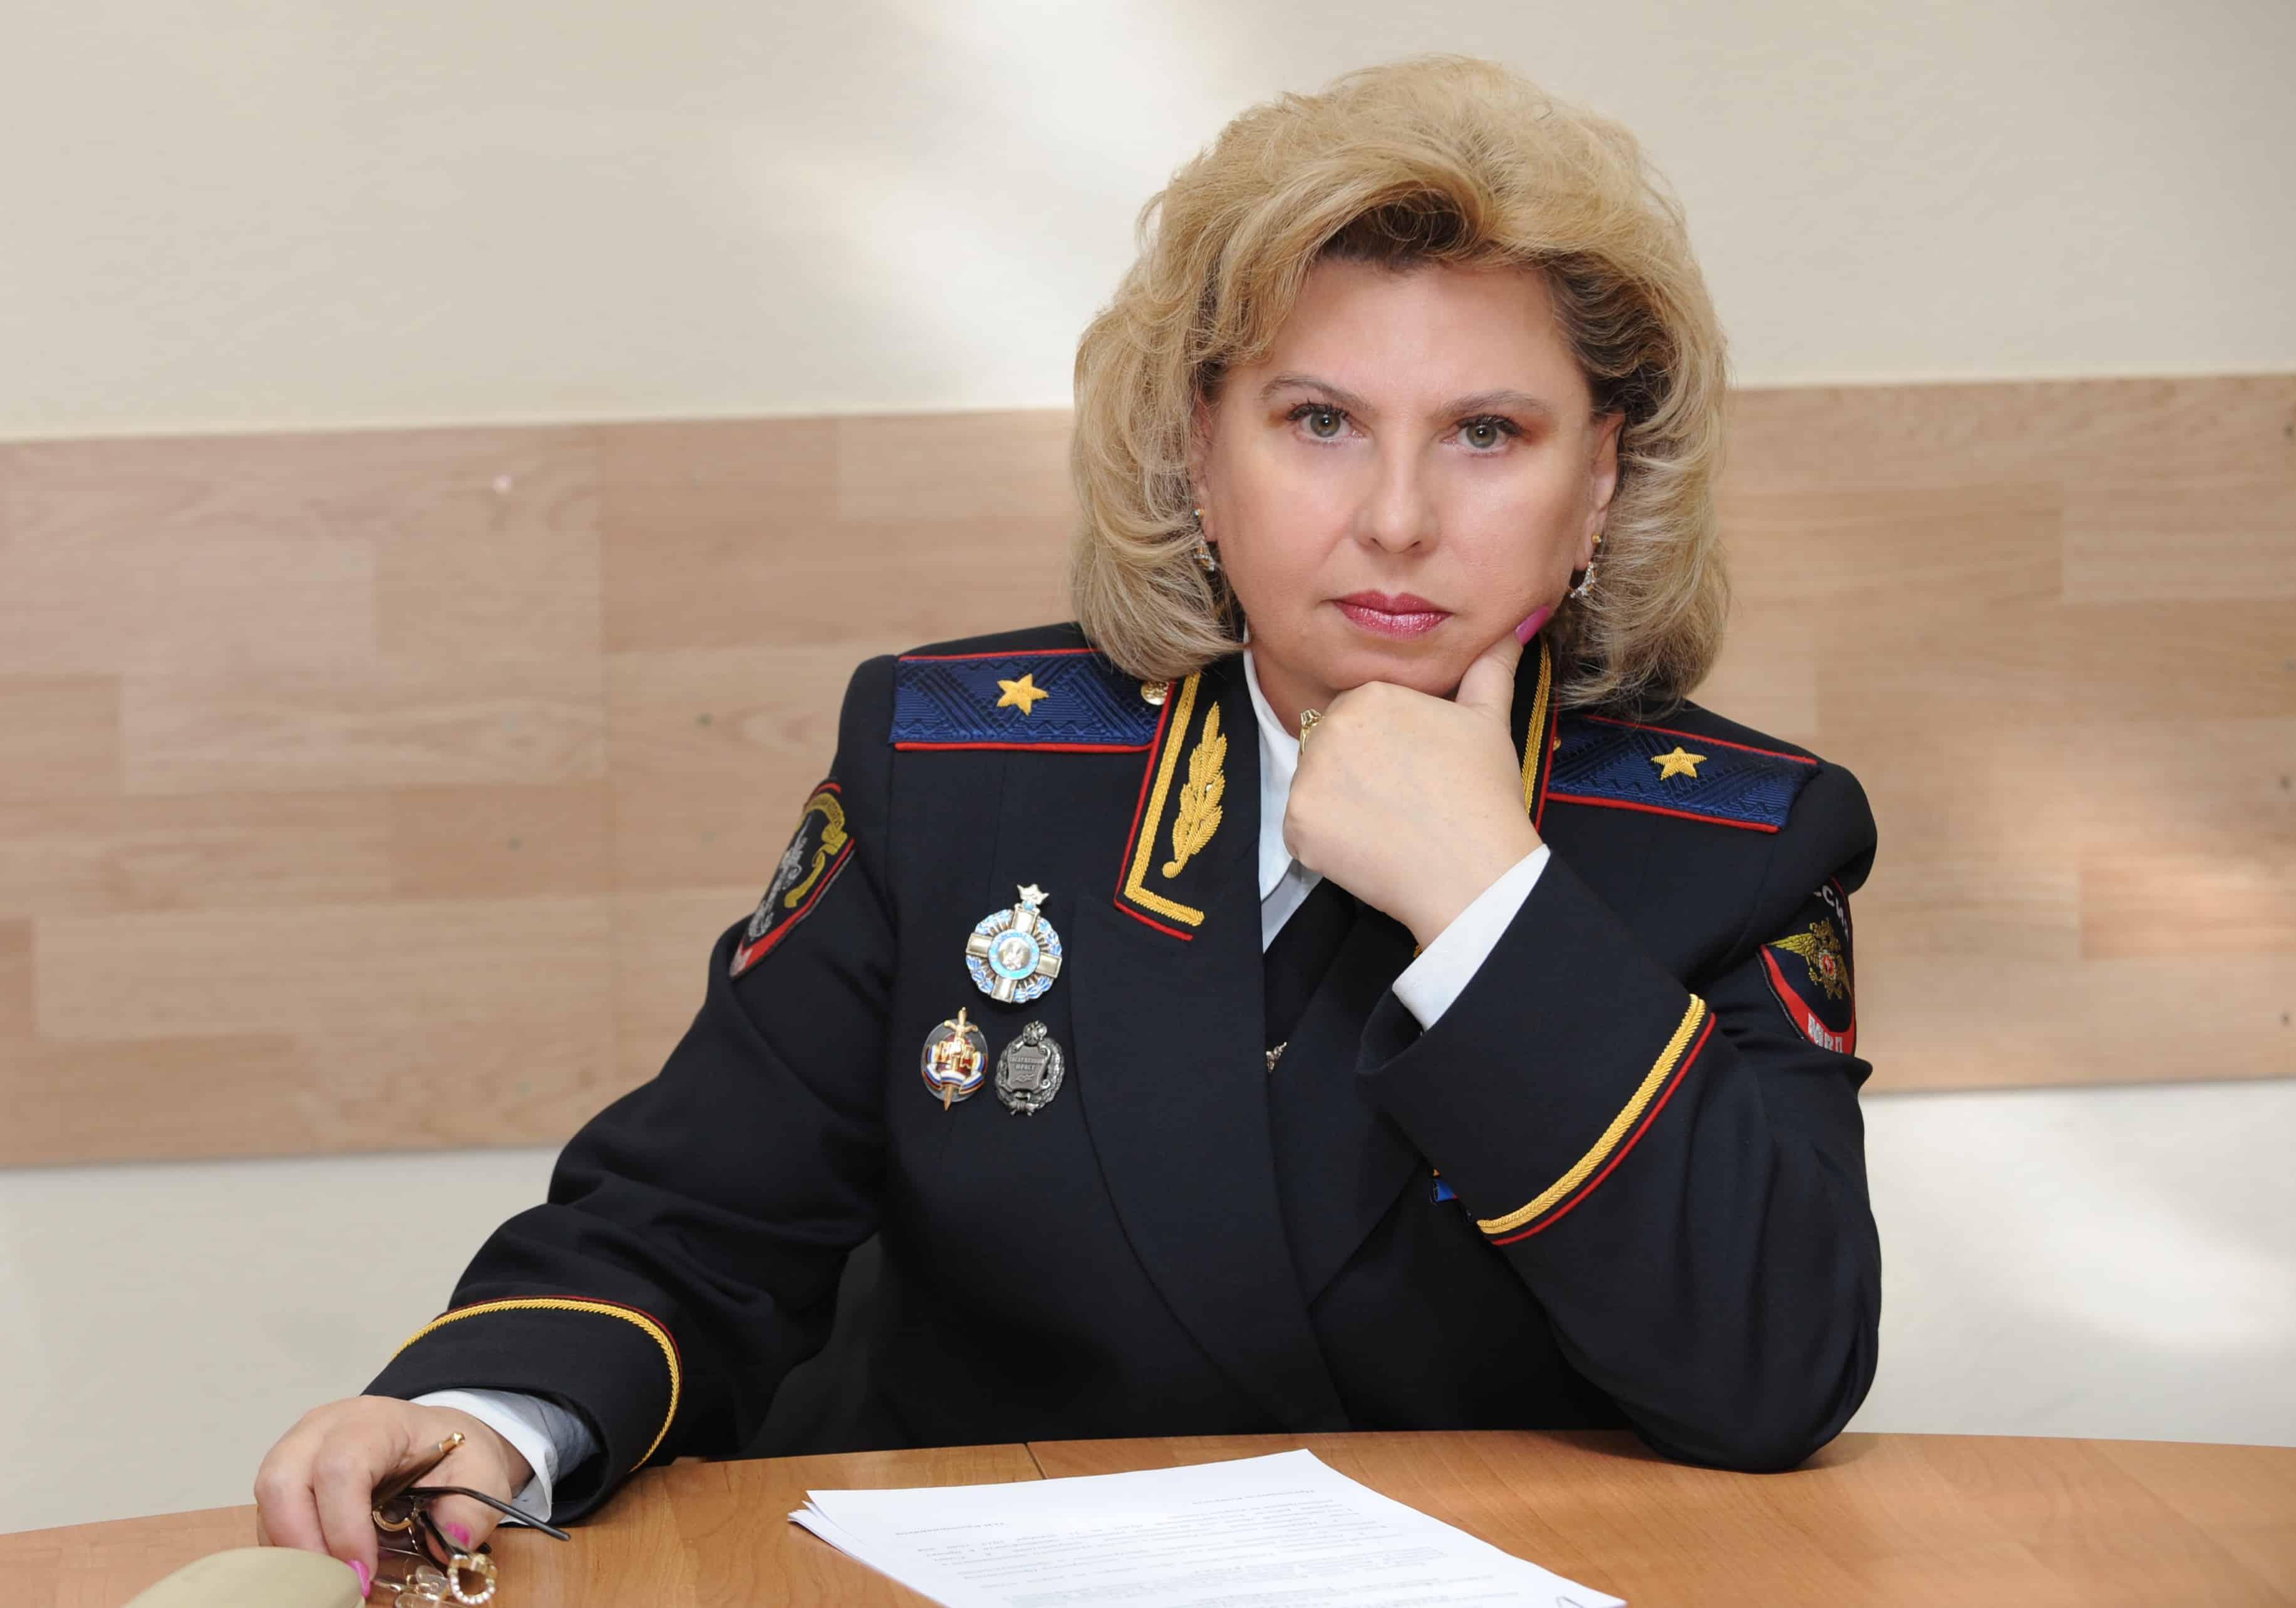 Обмін полоненими: переговори тривають – Москалькова